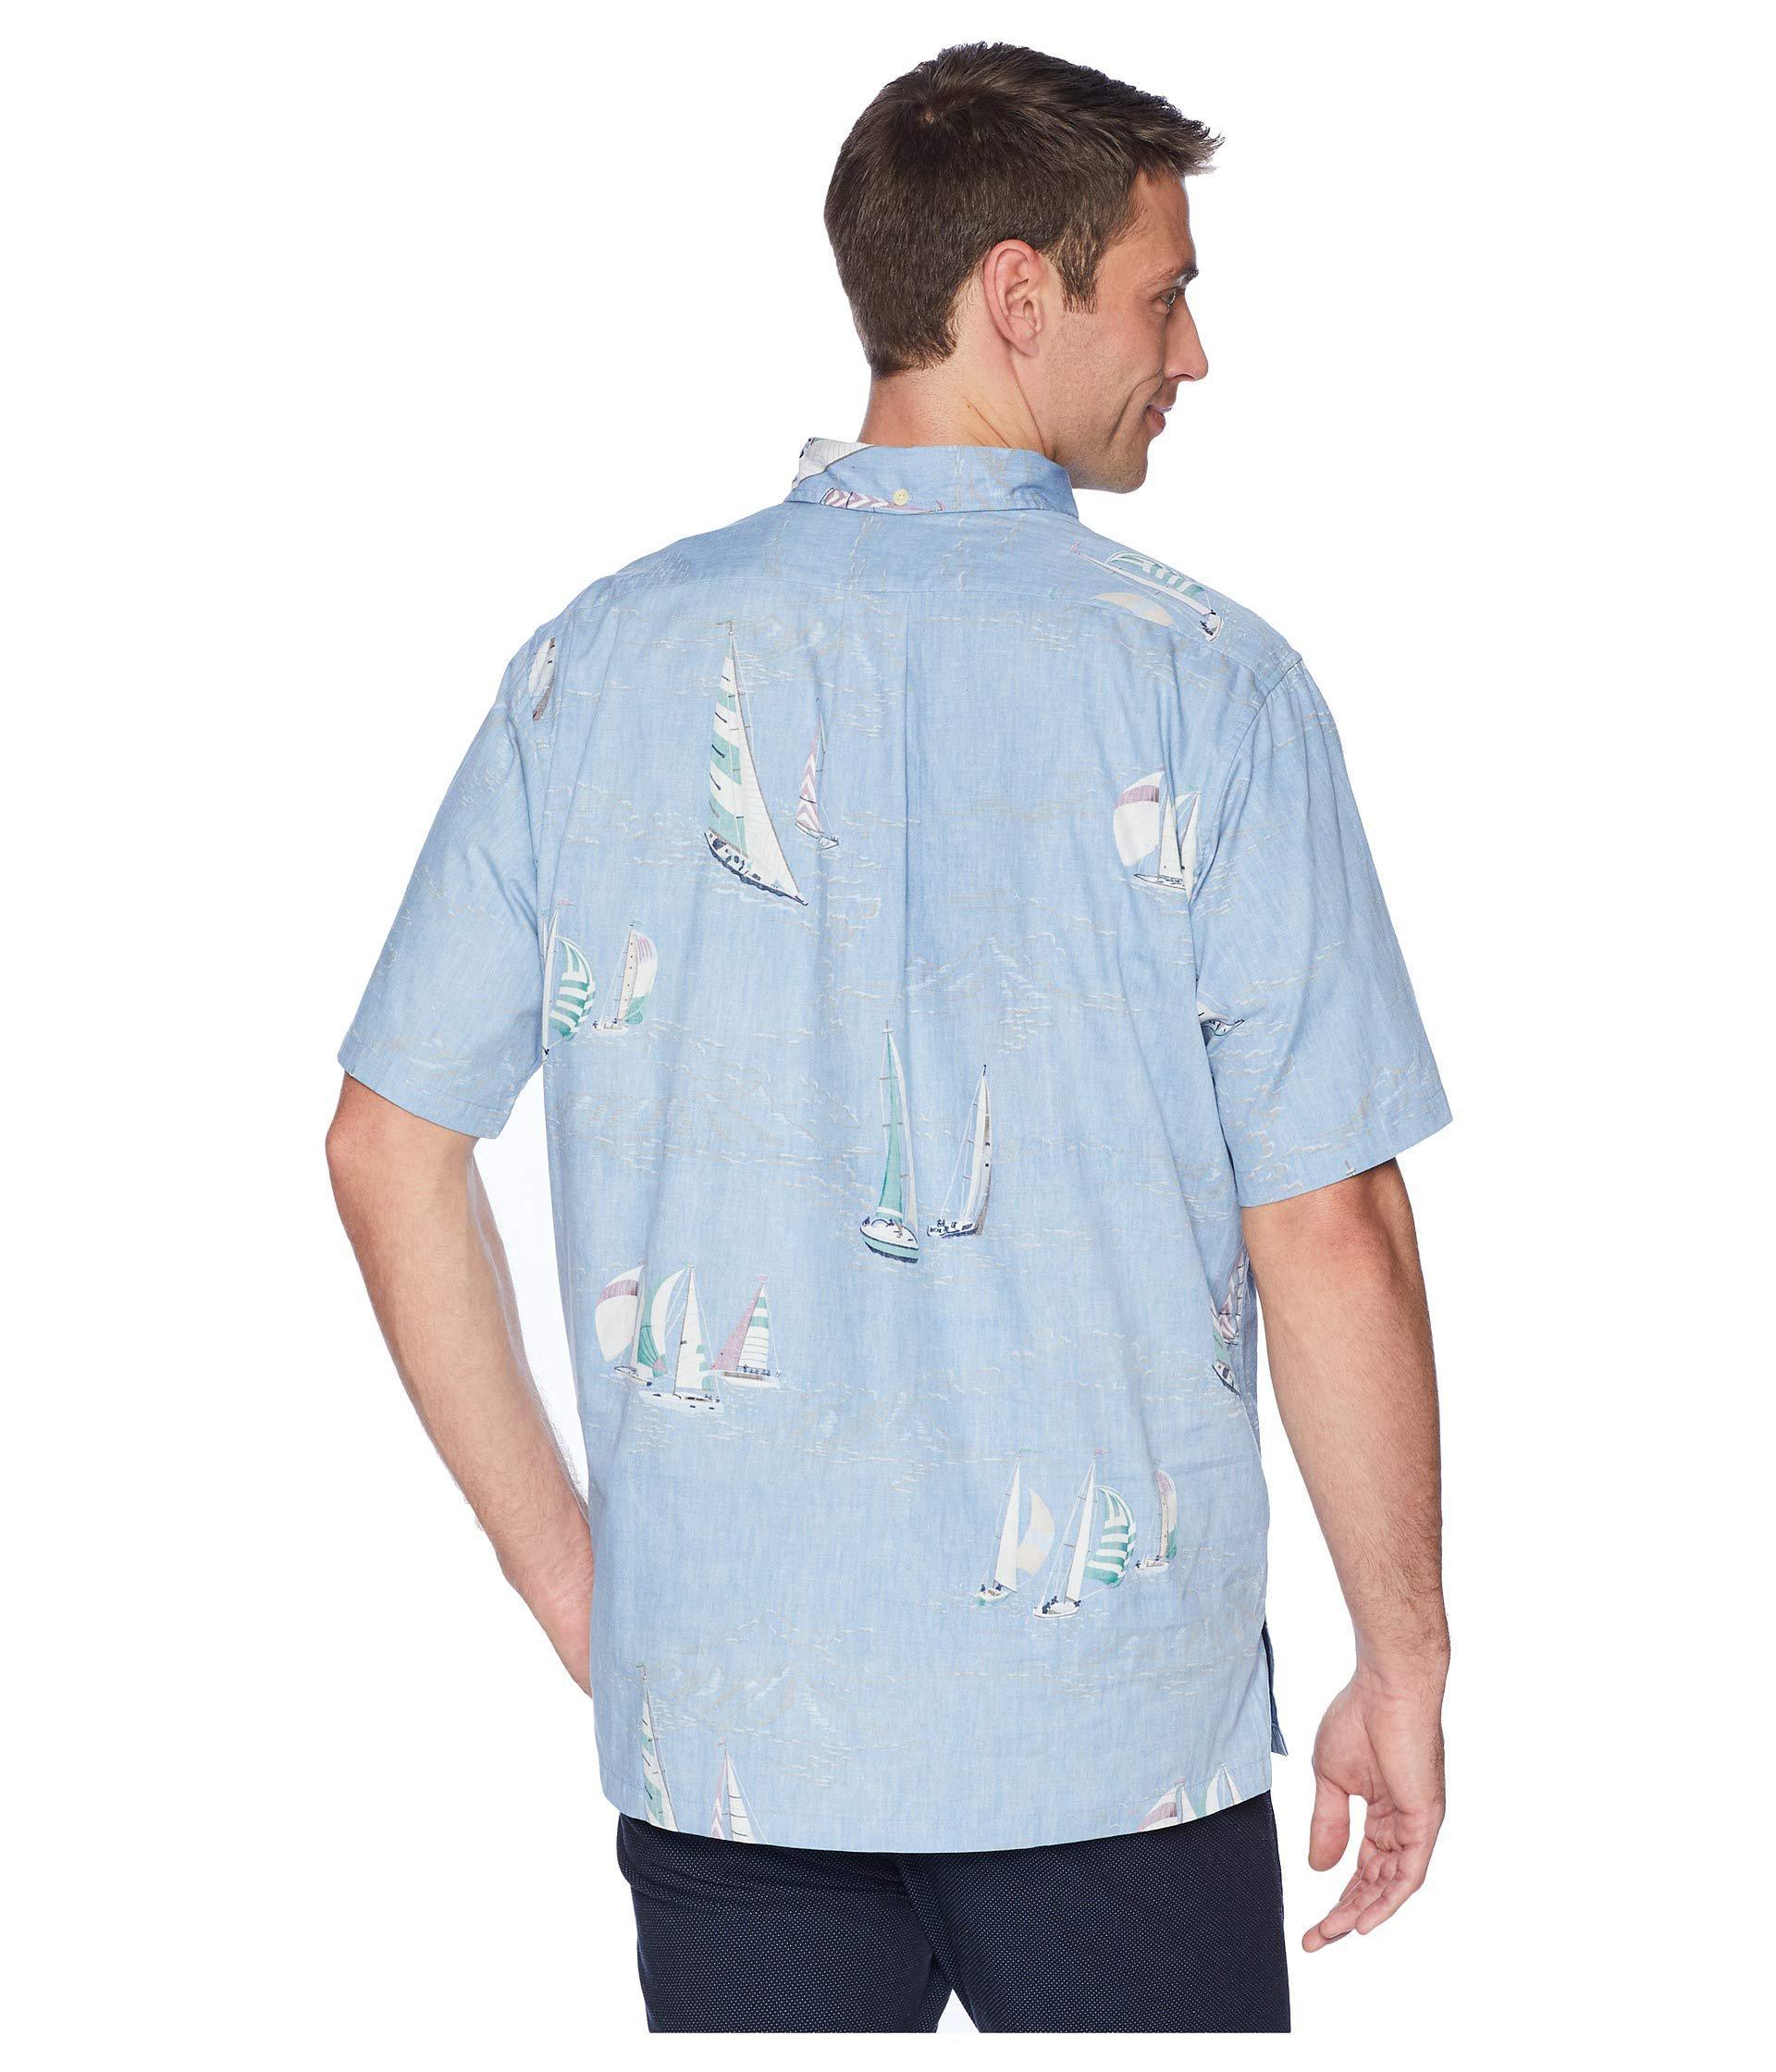 Regatta Deakin Shirt Cotton Lightweight Check Durable Short Sleeve Summer Work